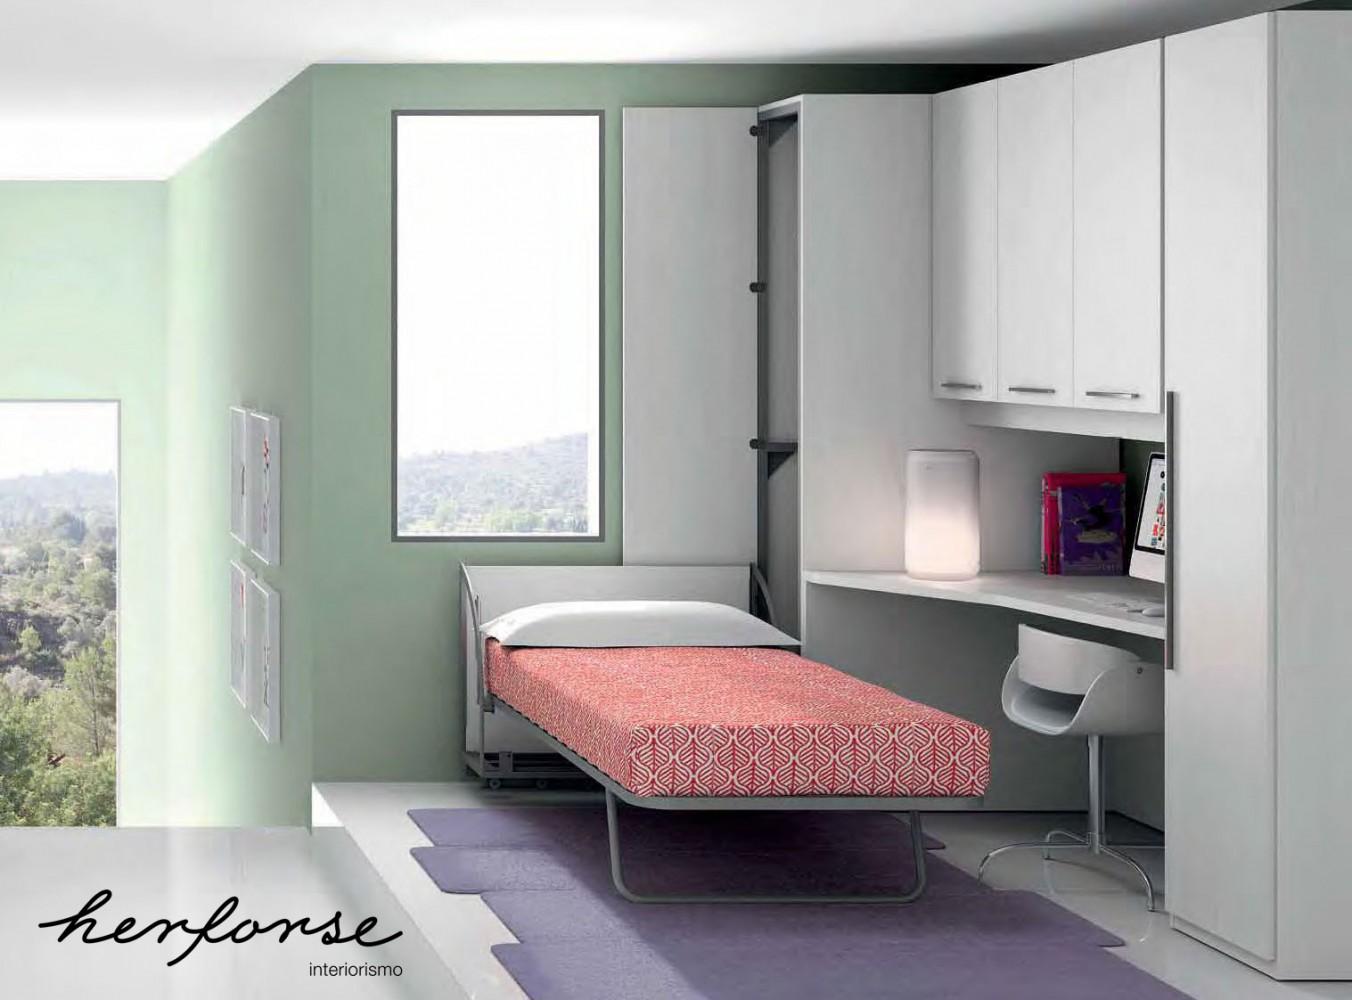 Camas abatibles juveniles herforseinteriorismo - Habitaciones camas abatibles ...